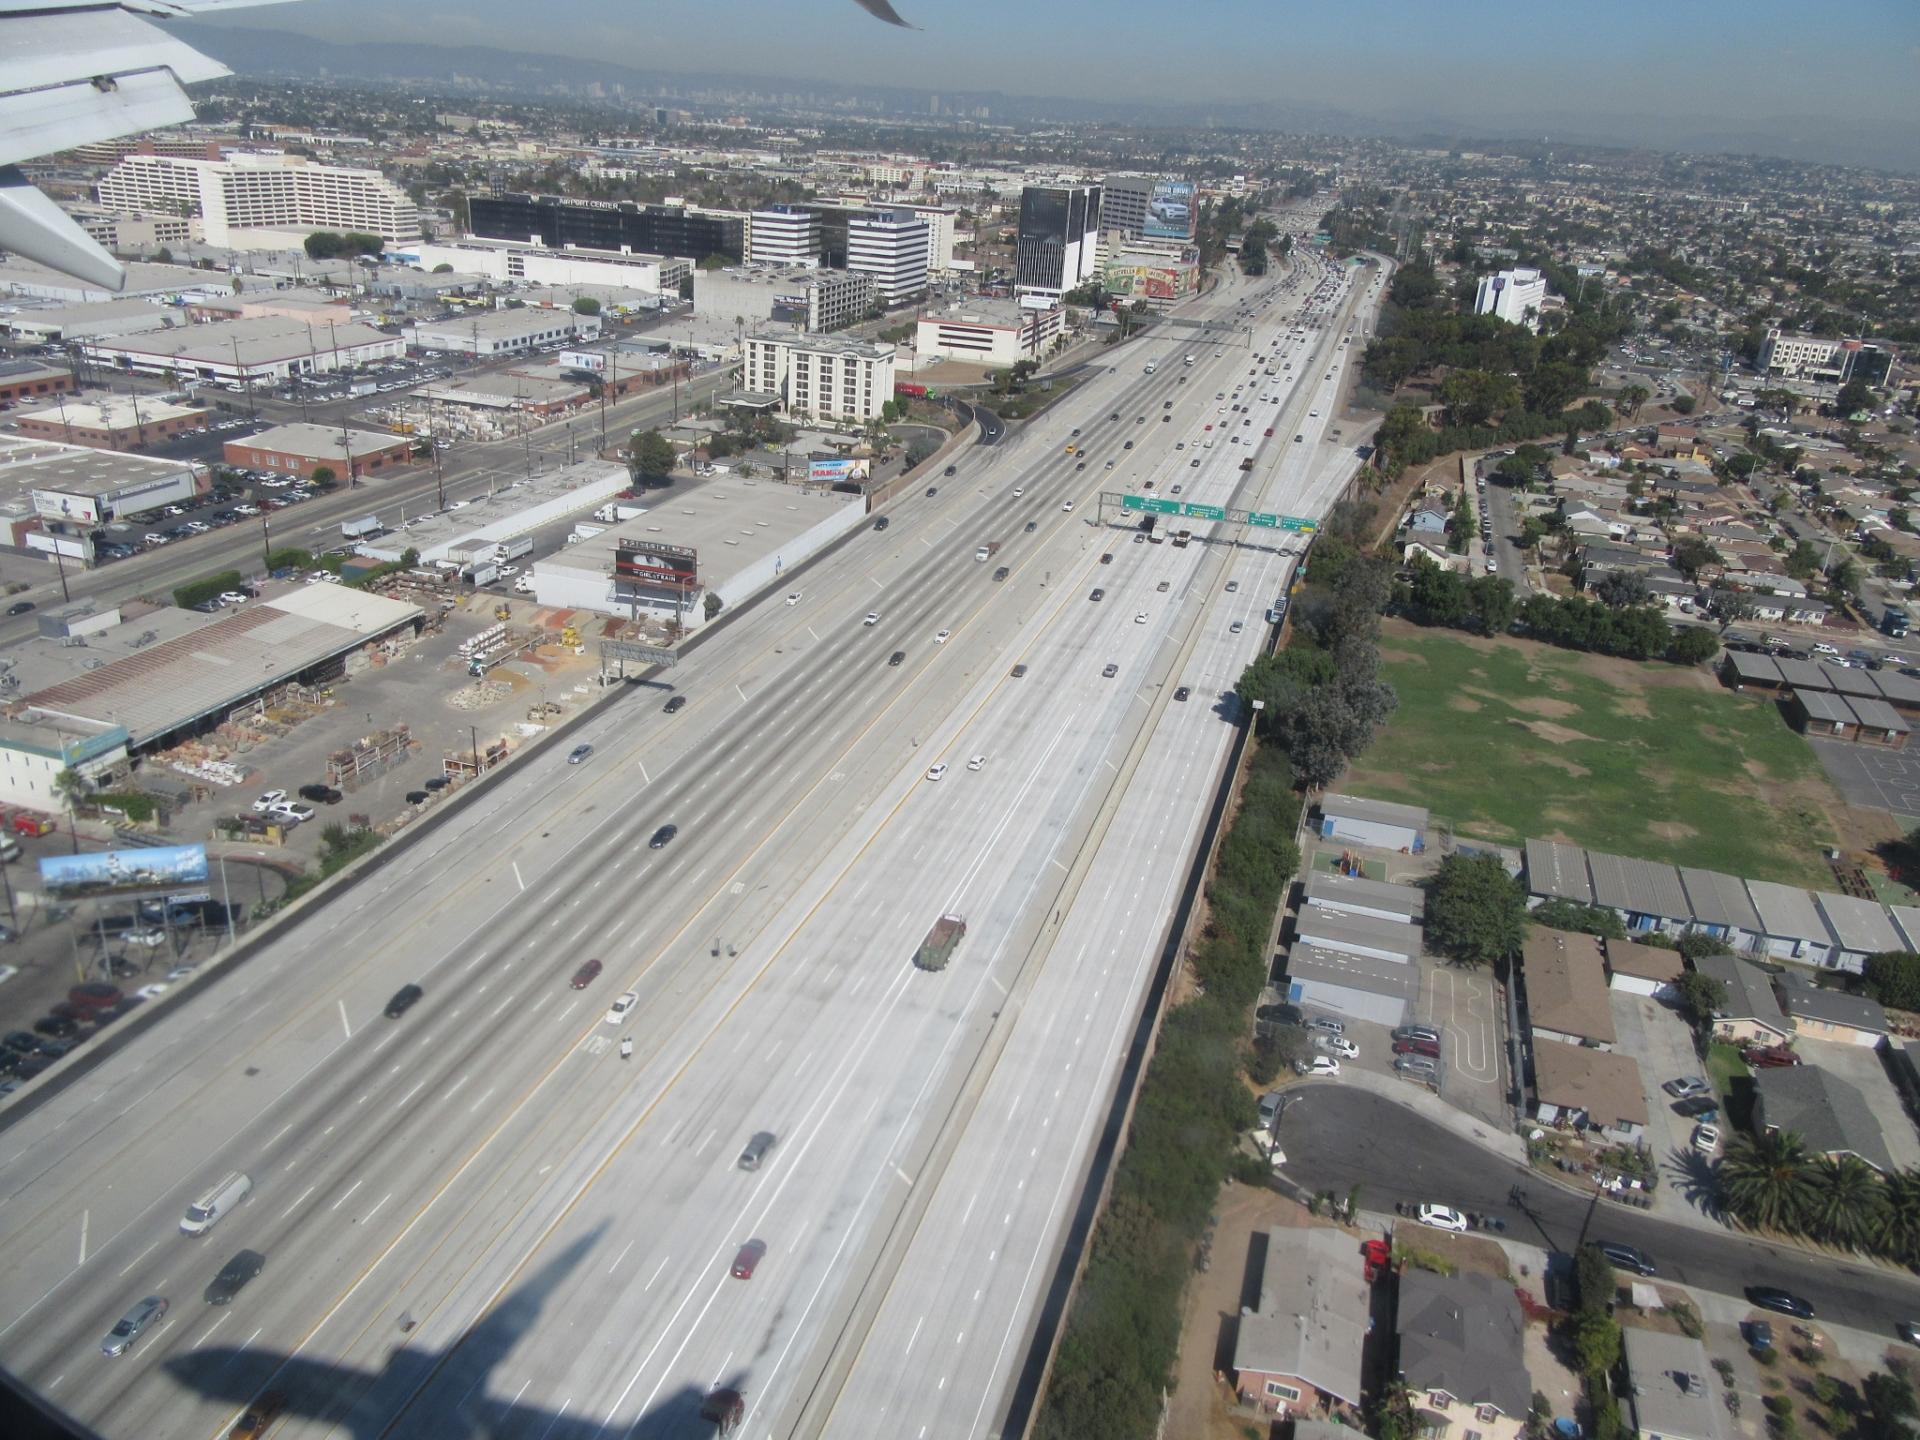 ロサンゼルス風景11